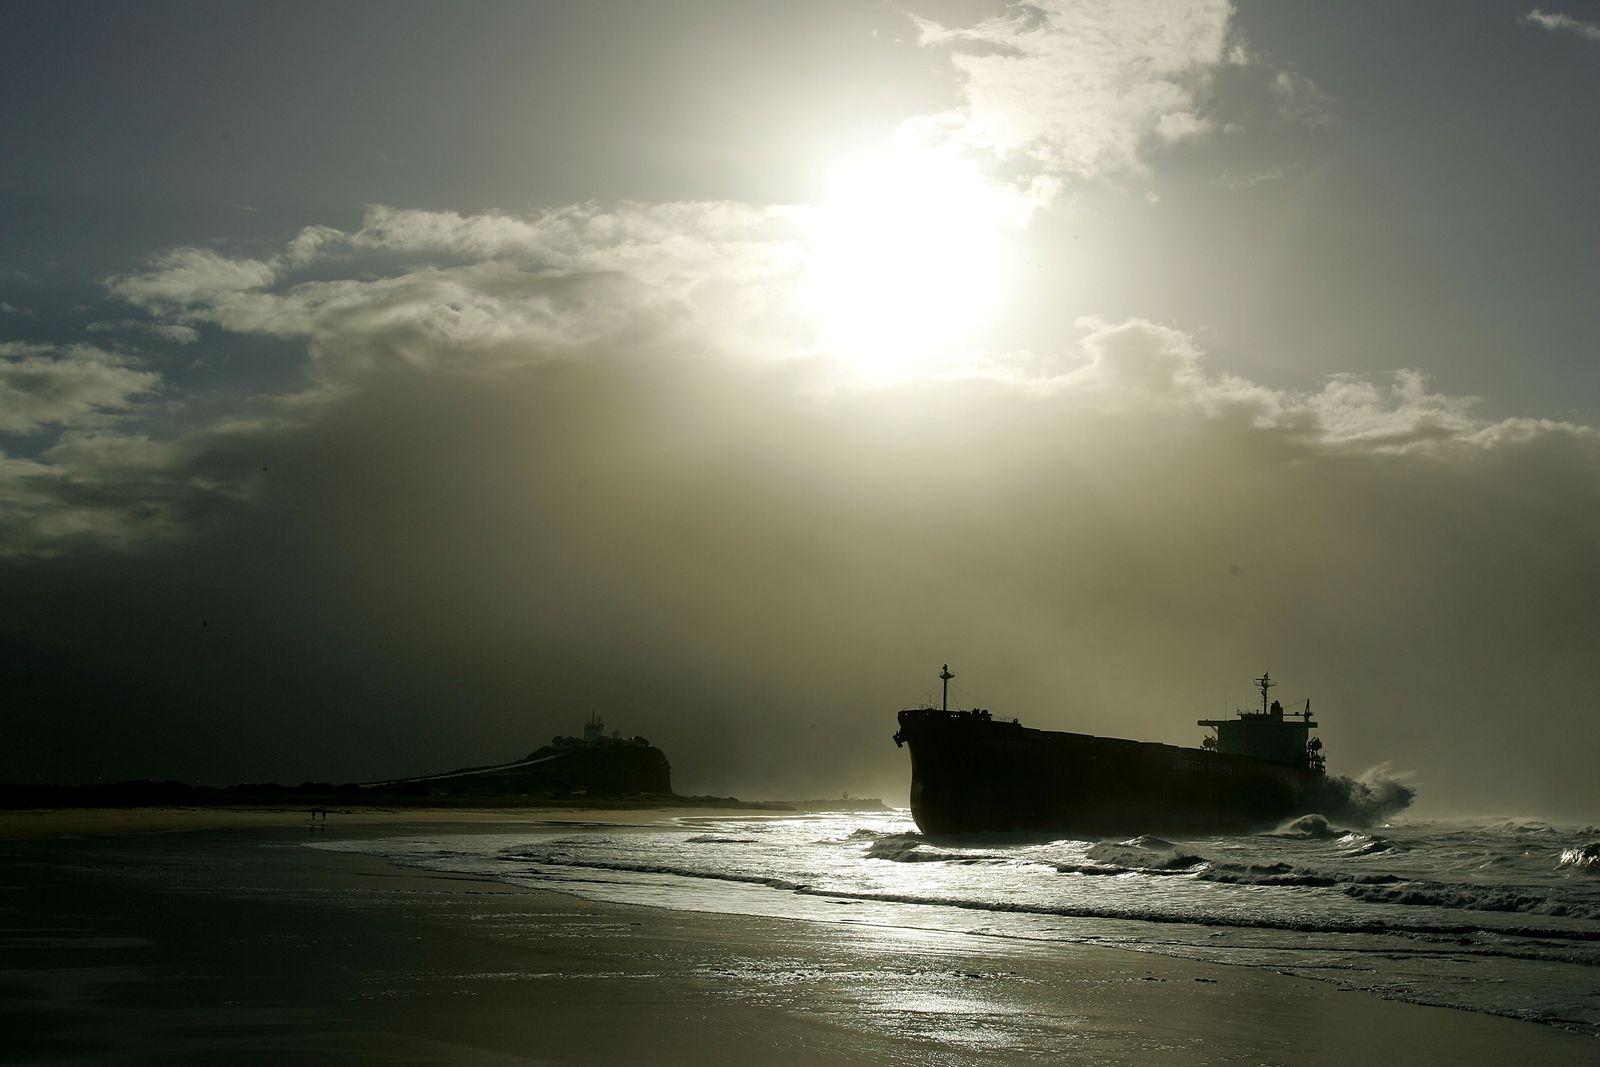 Massengutfrachter / Kohlenschiff / Schiff und Ladung / Handel